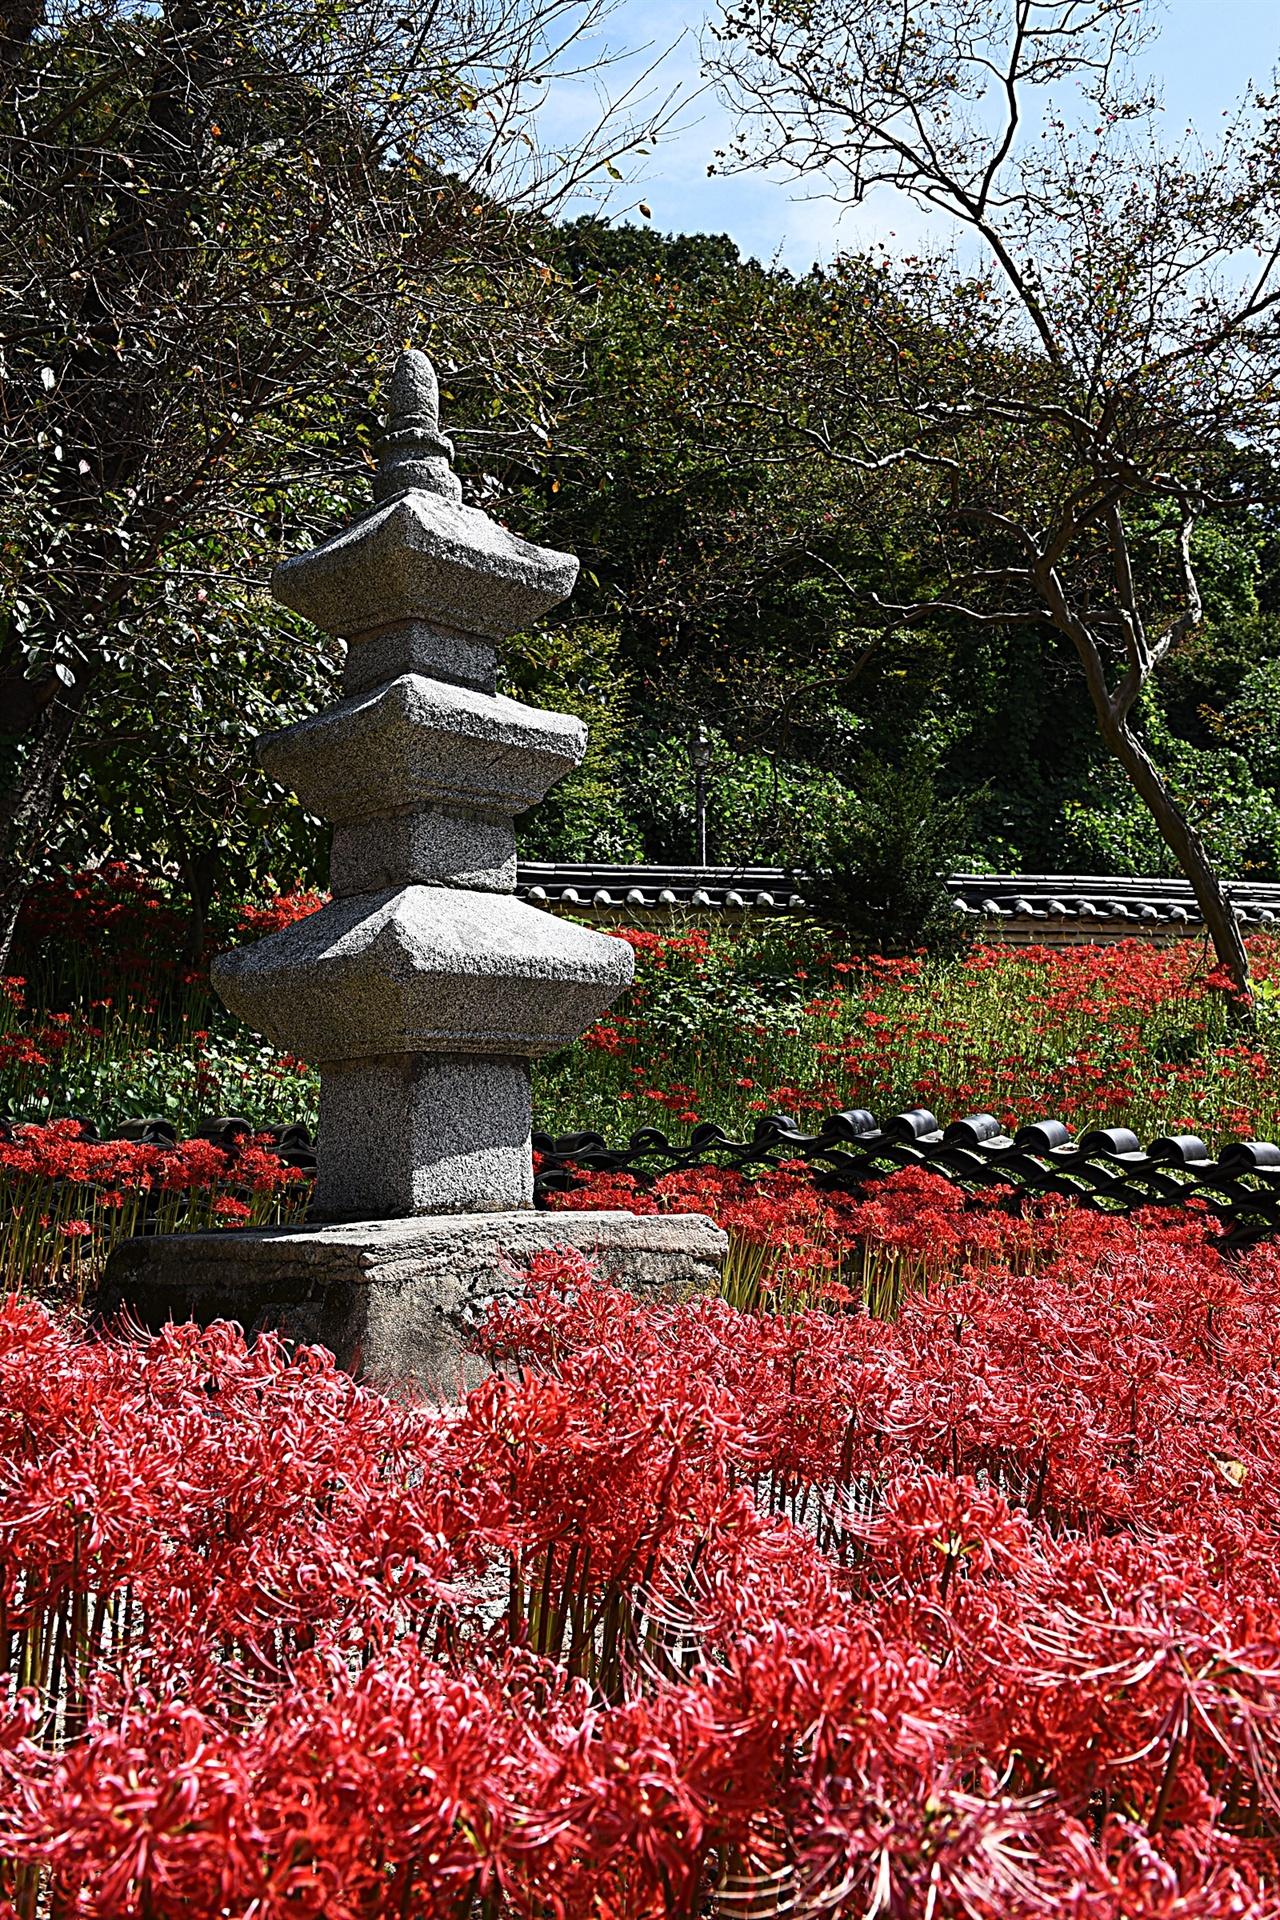 용천사 꽃무릇  용천사는 그리 널리 알려지지 않은 사찰이지만, 9월 하순이면 수많은 사람들이 꽃무릇을 보기 위해 찾는다. 이때는 용천사 내부 곳곳에 숨은 꽃무릇들이 아름답다.